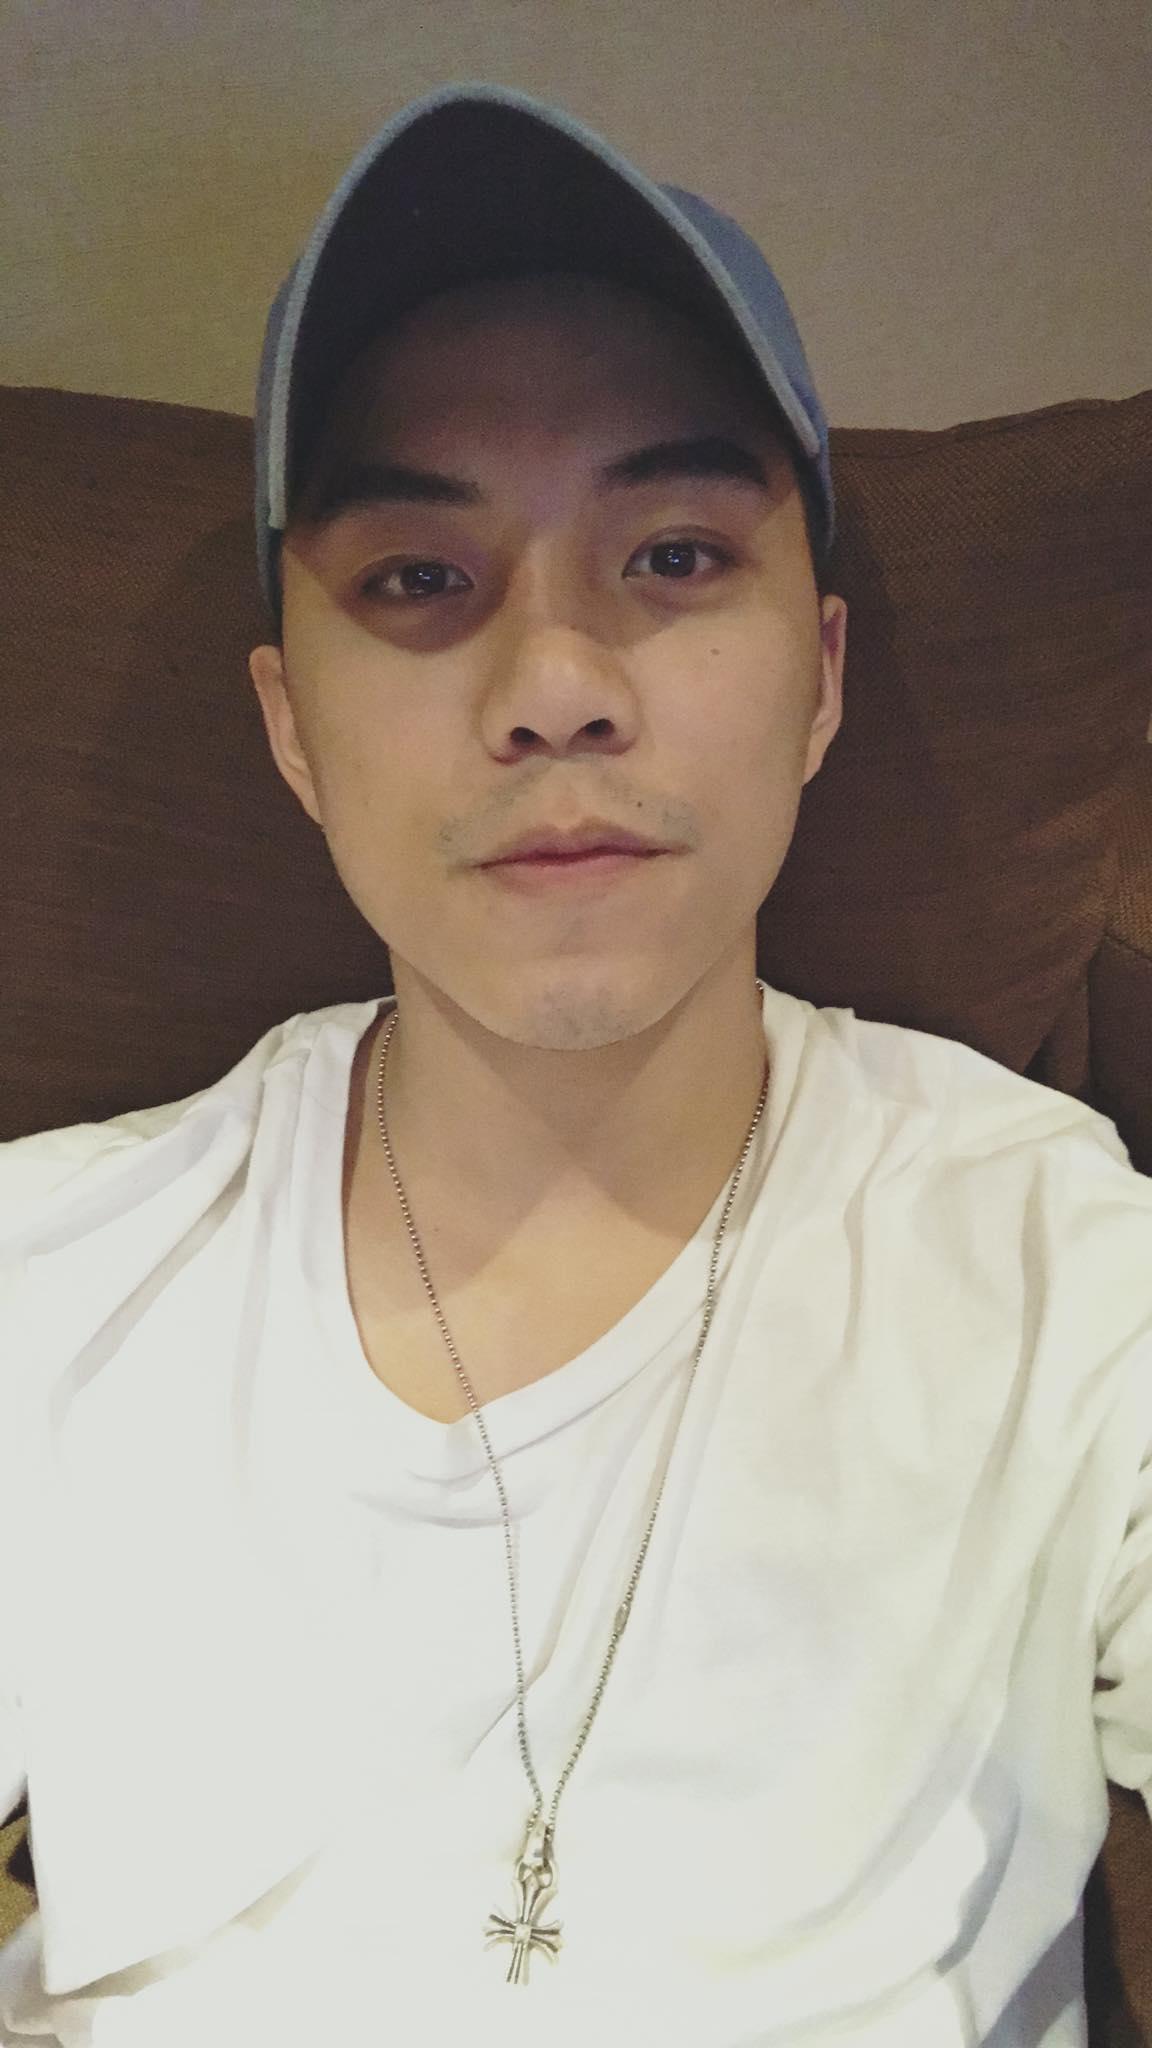 男團TOP1男子漢成員張家瑋因感情遭背叛,而在臉書發文發文洩憤。(翻攝自張家瑋臉書)